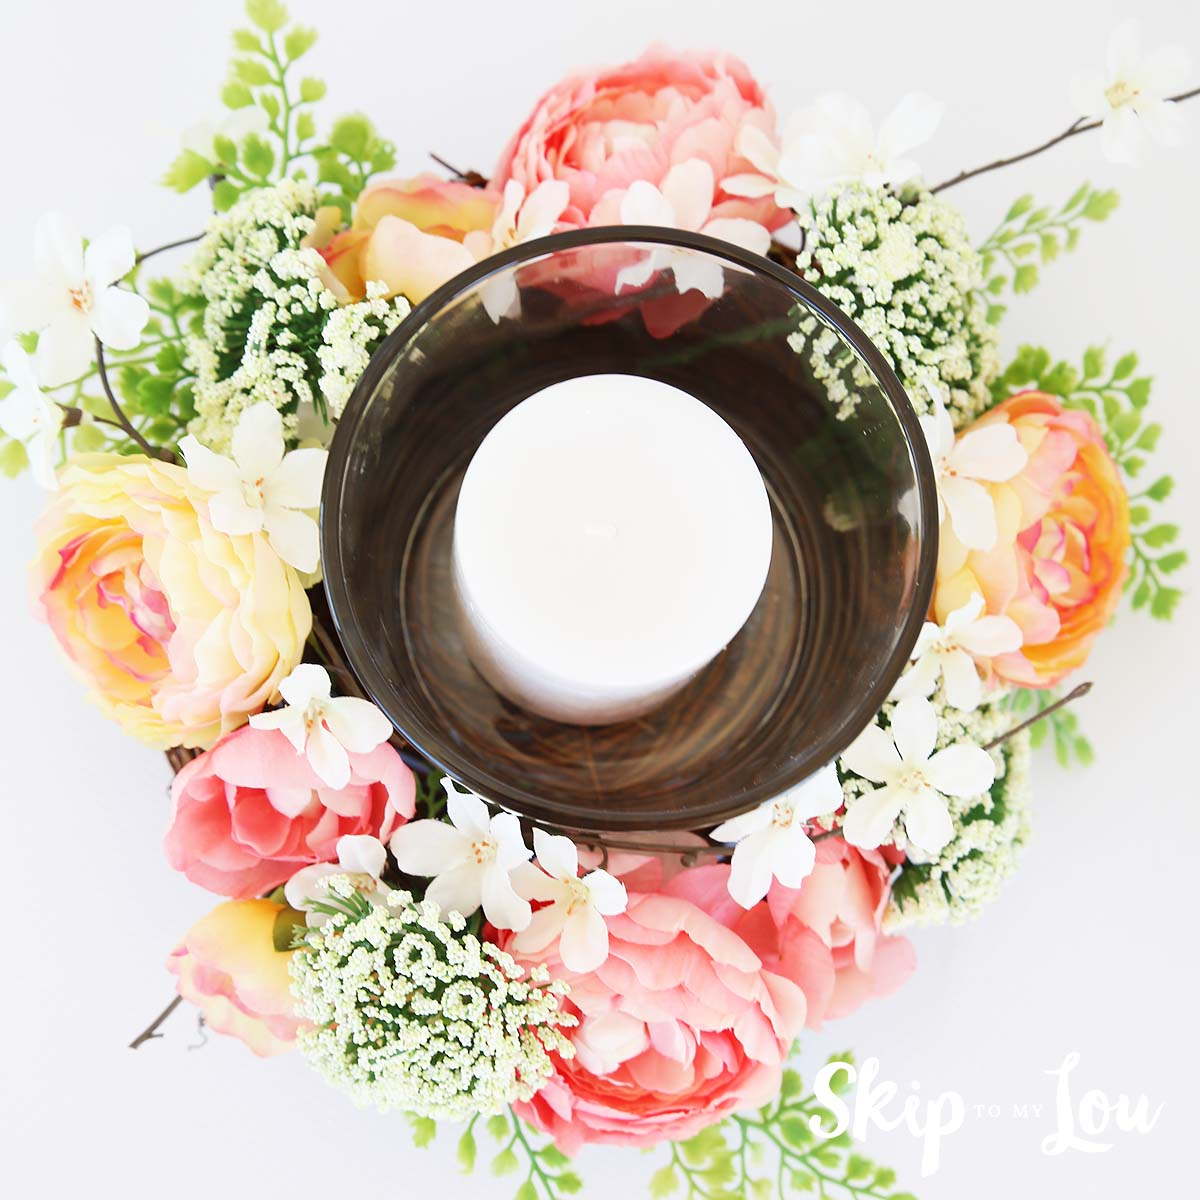 floral centerpiece idea Michaels